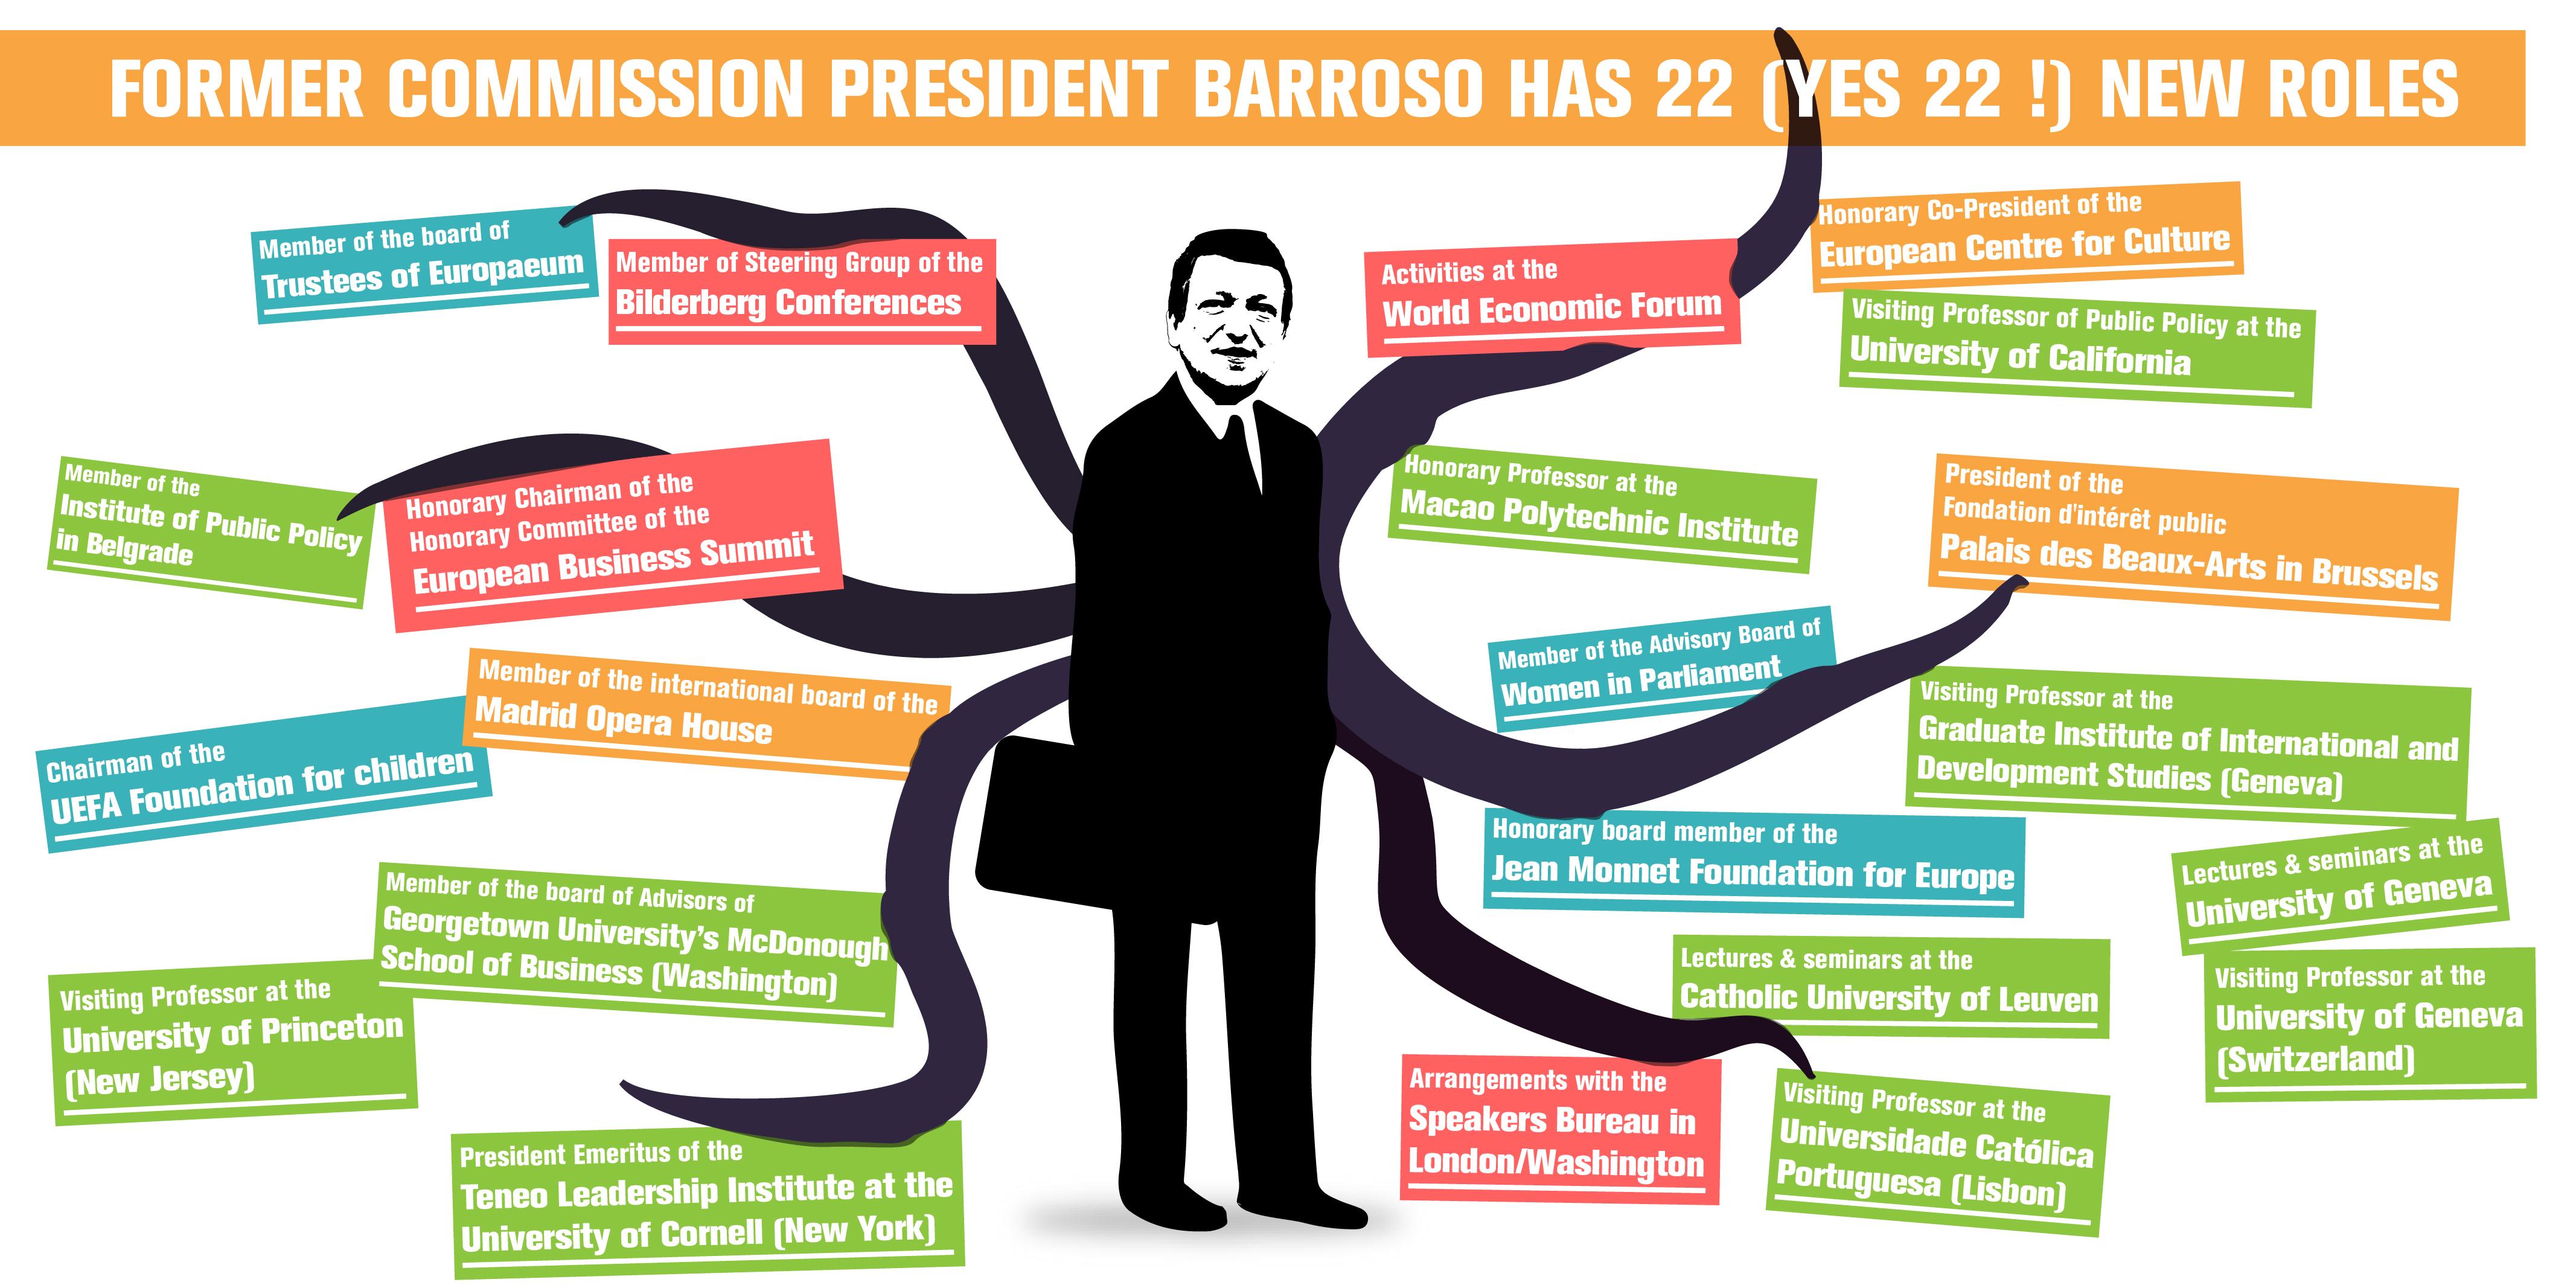 Incarichi del presidente Barroso